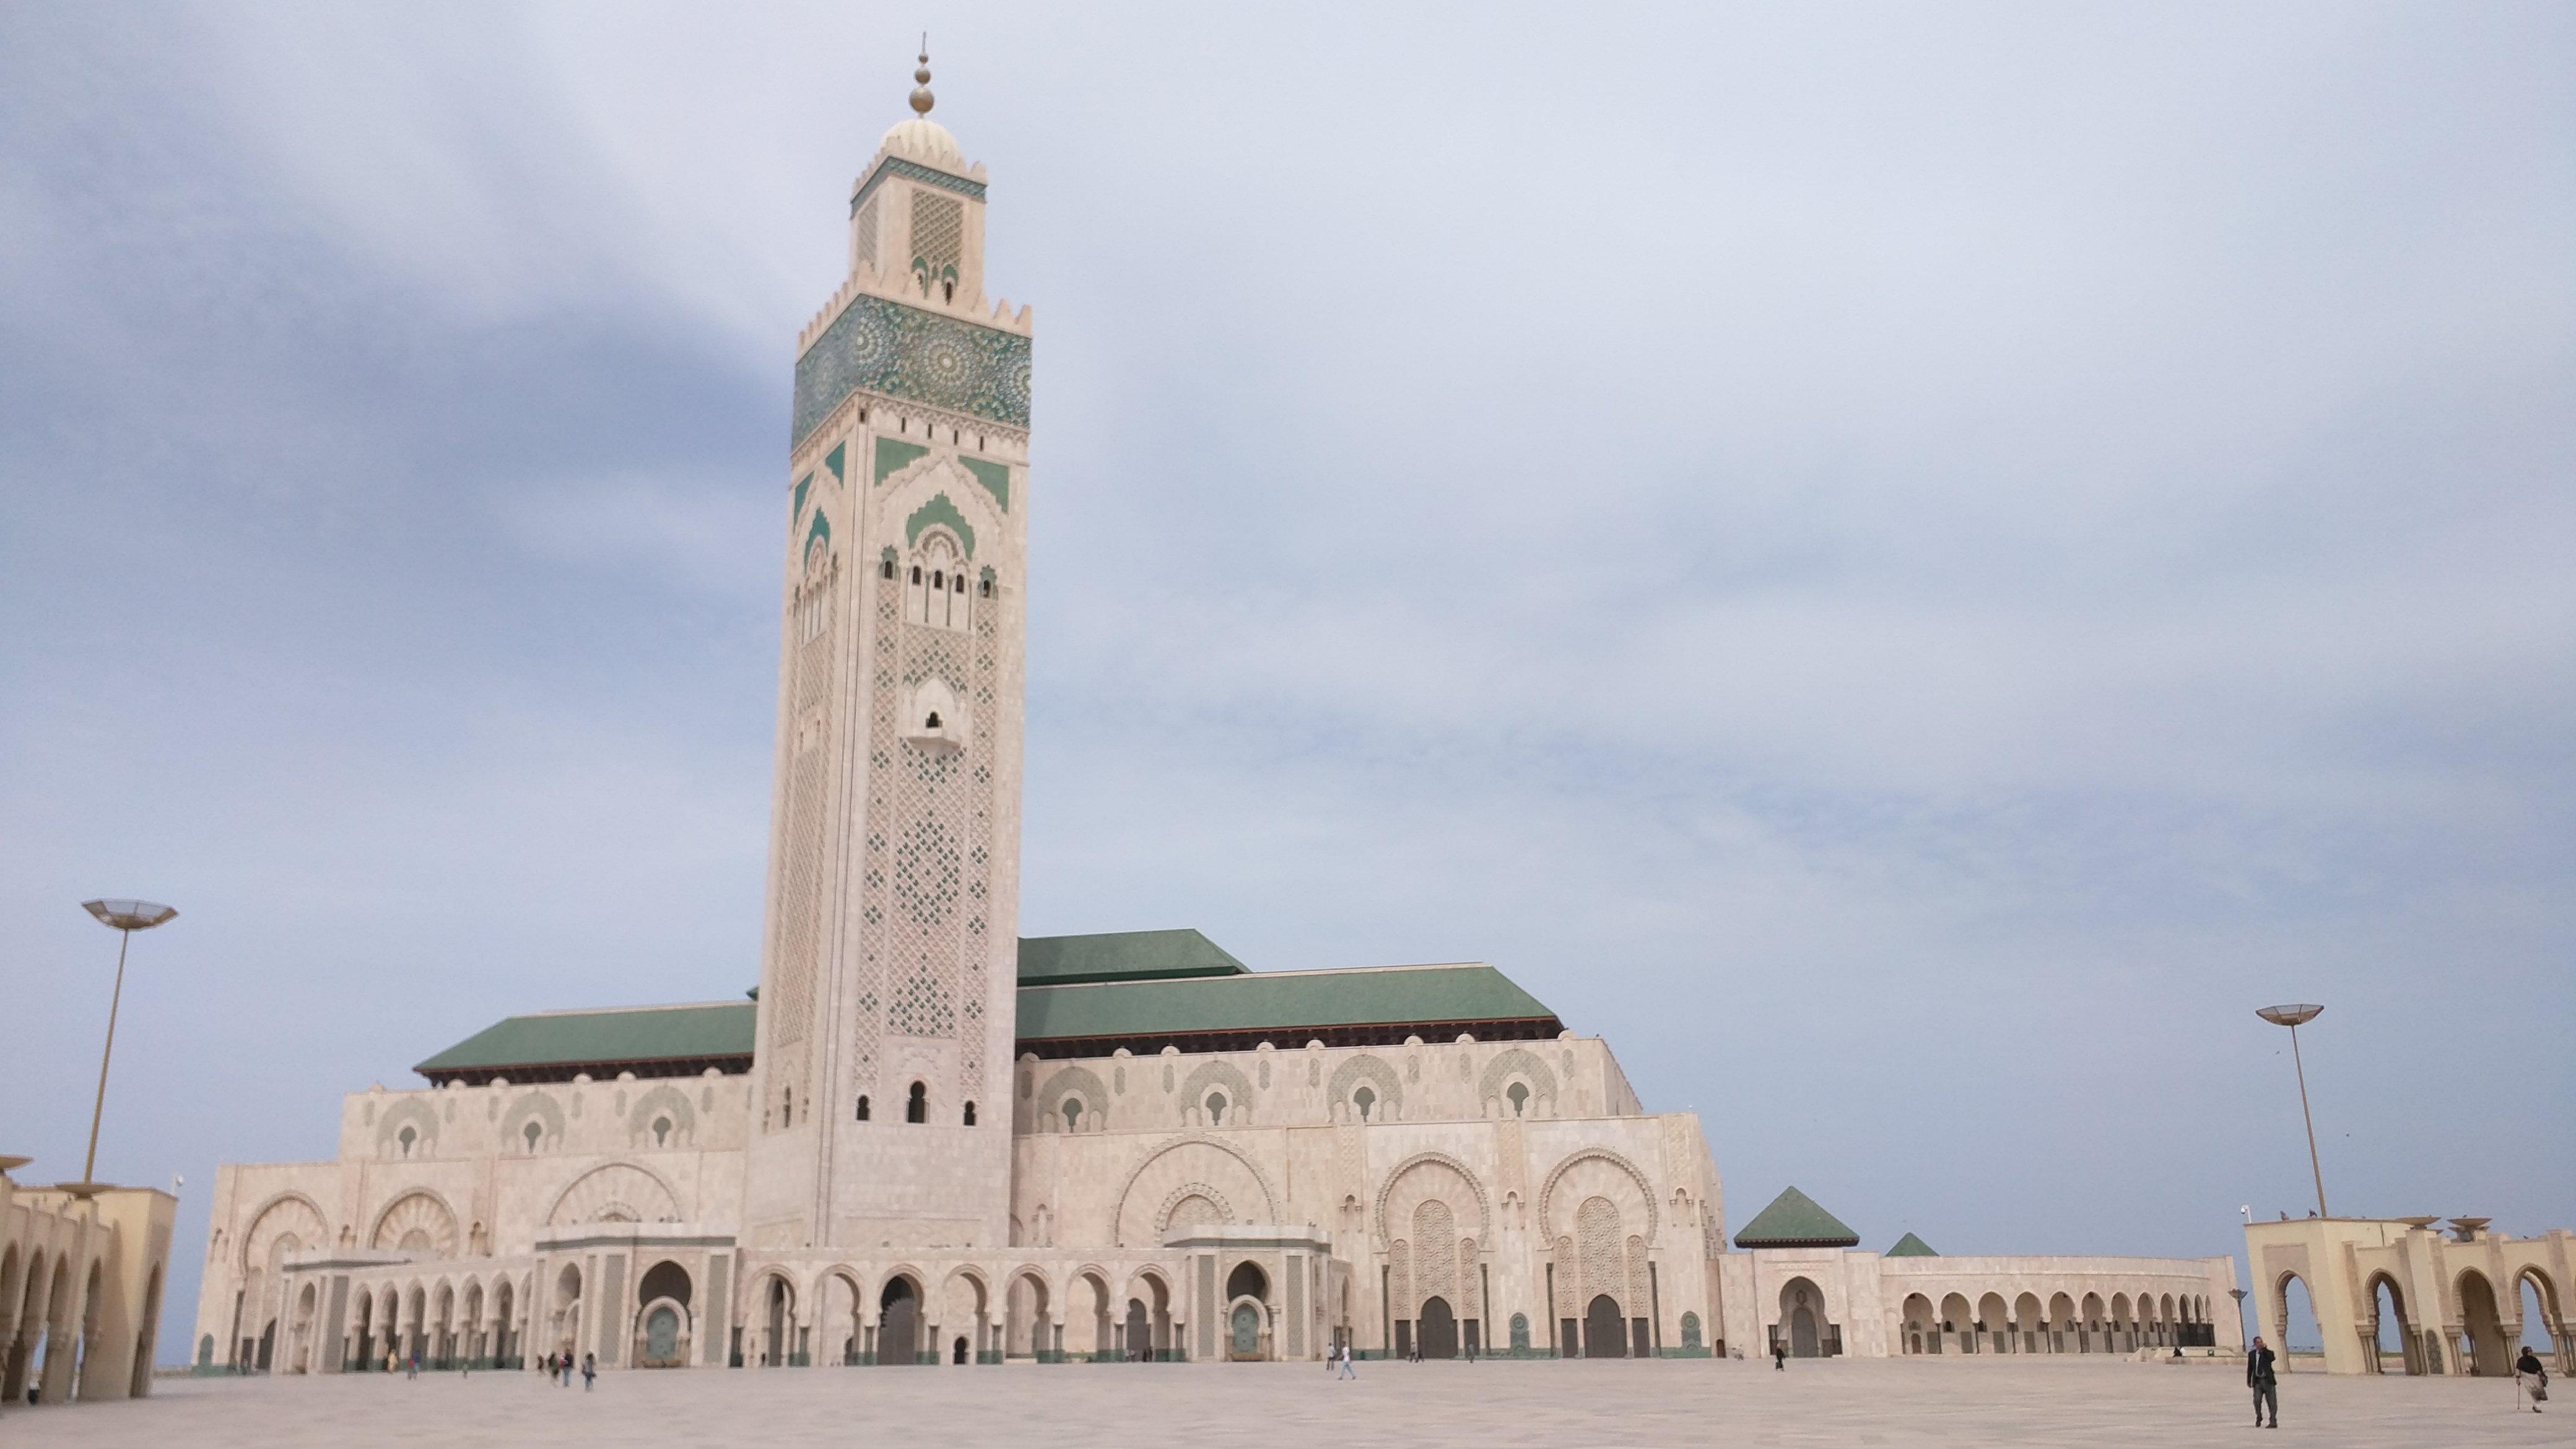 Masjid Hassan II in Casablanca